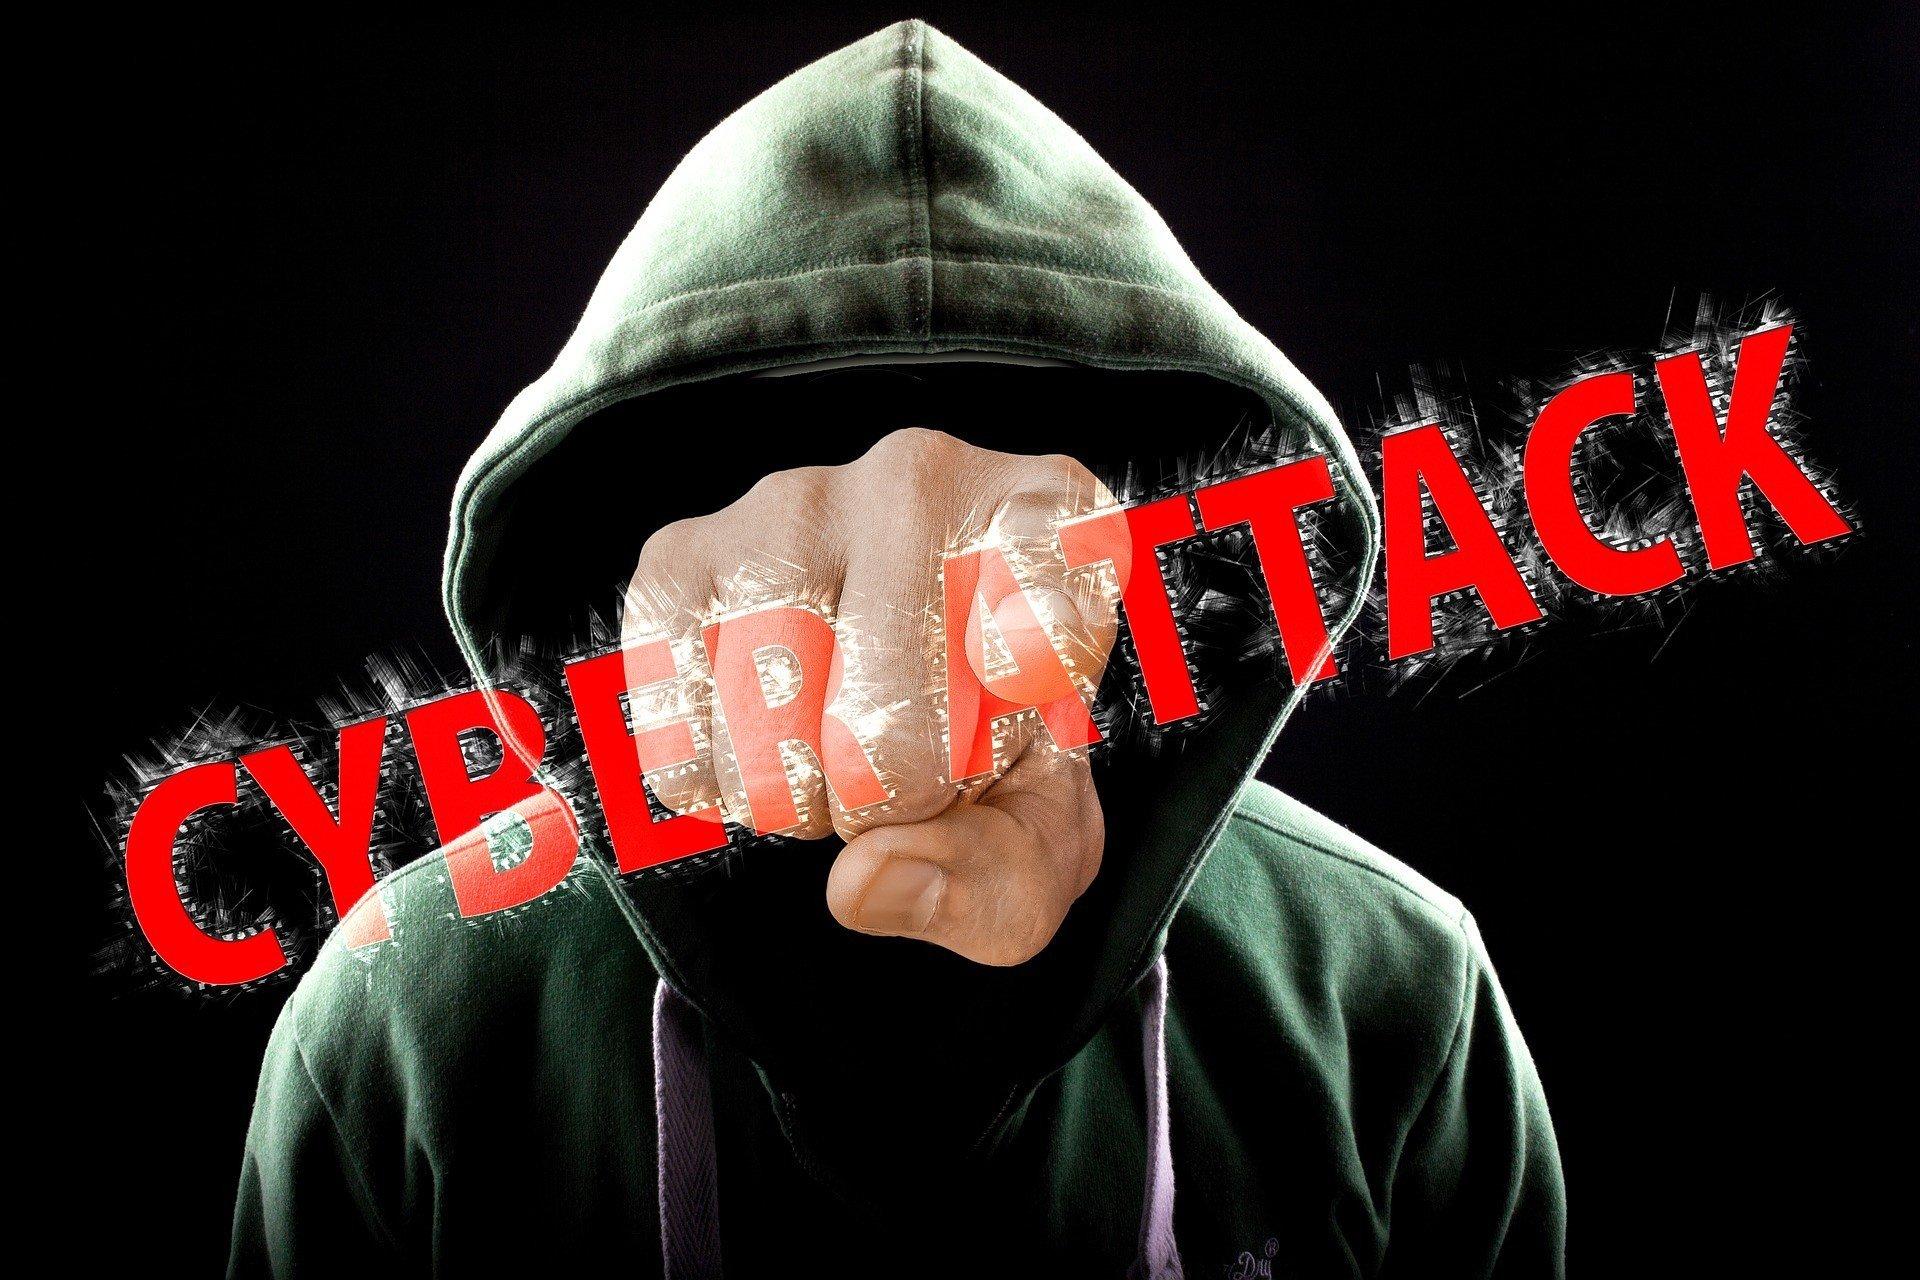 США предлагает $5 млн за поимку хакеров